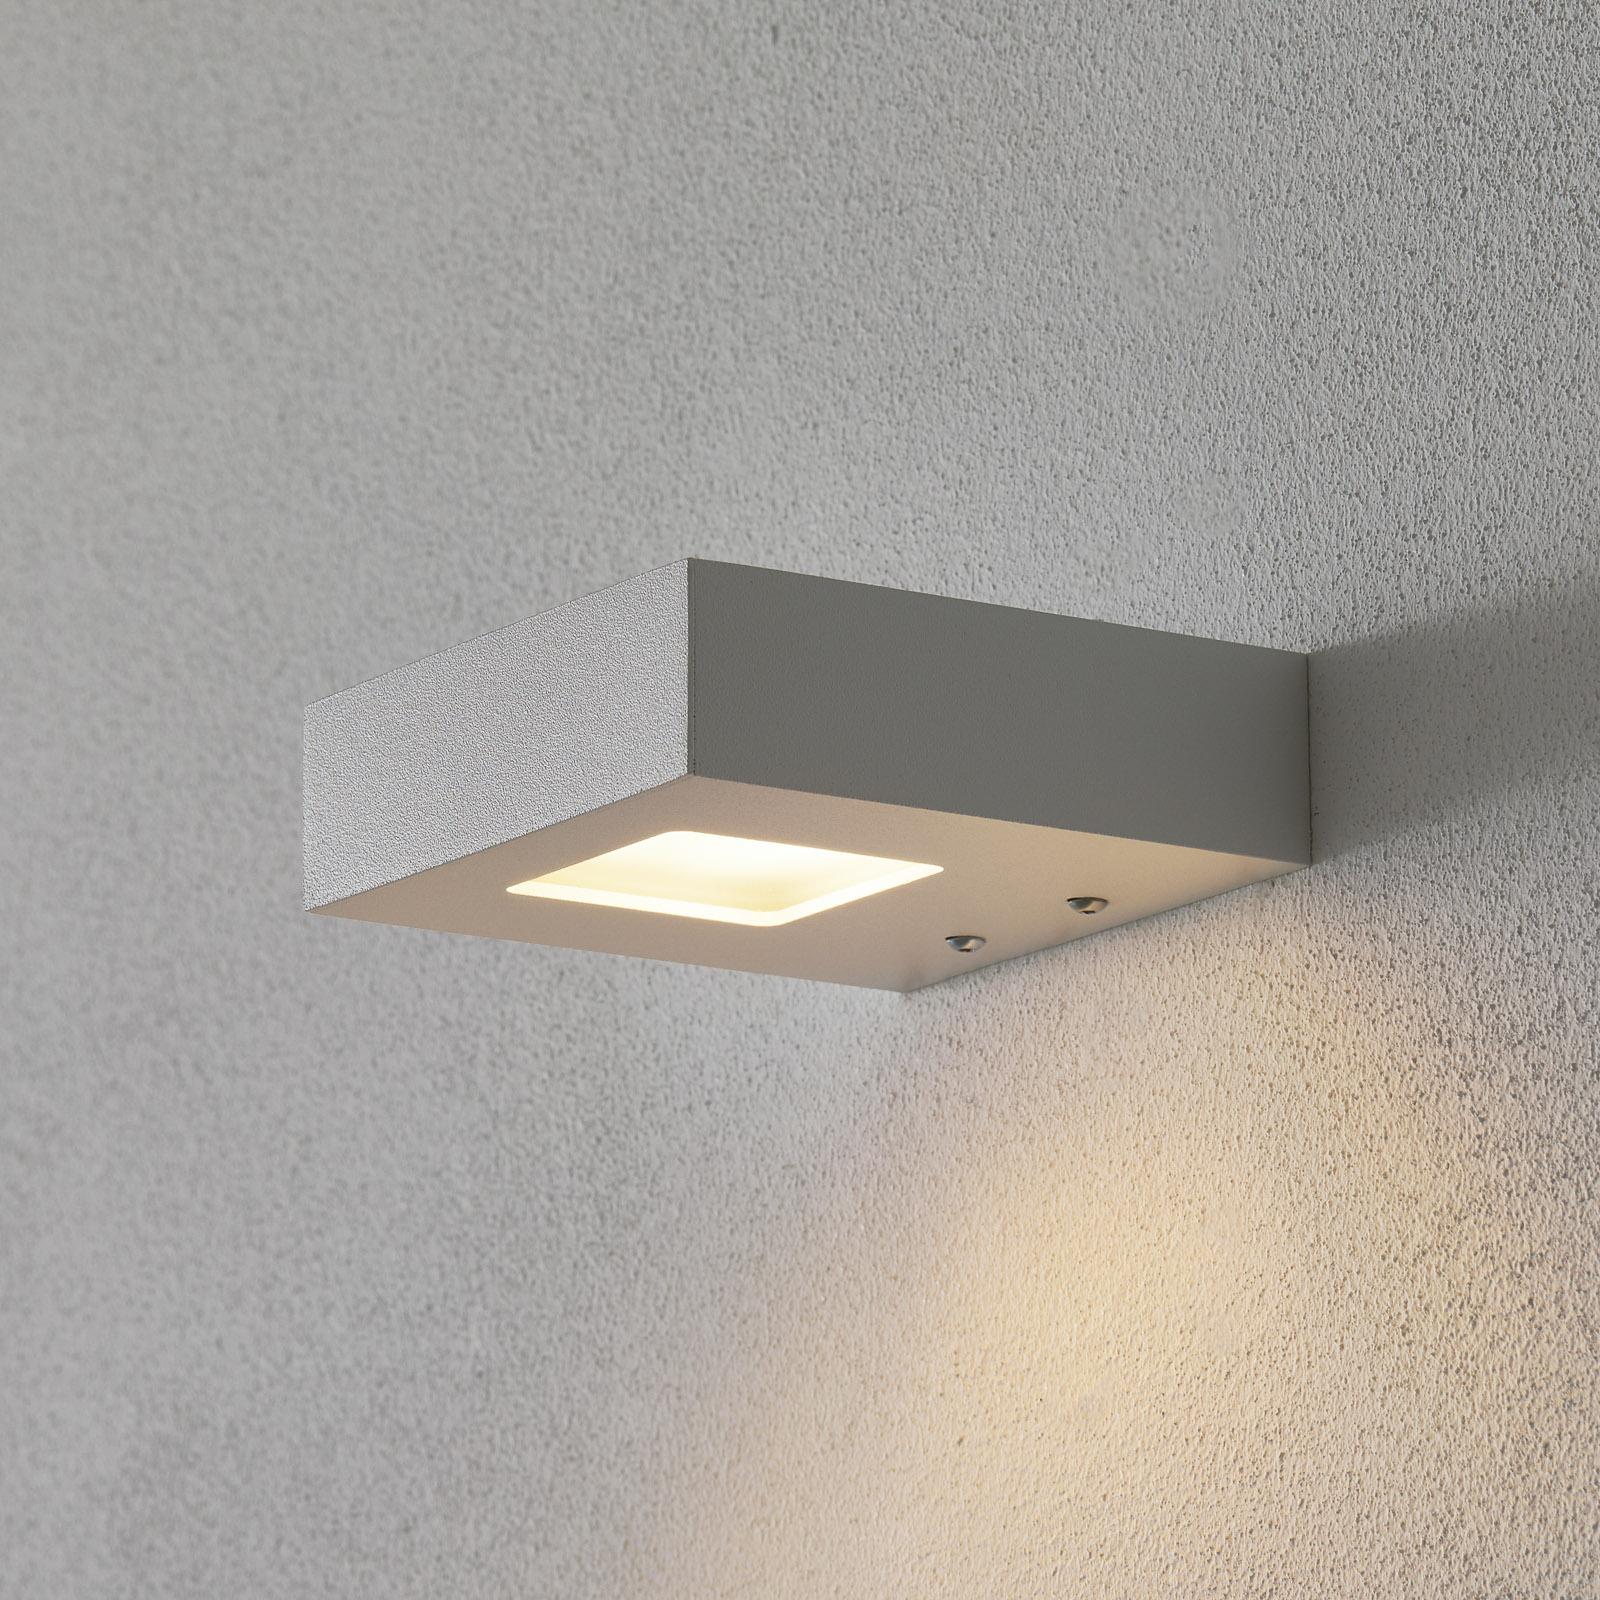 Hvit LED-uplight Cubus for vegg